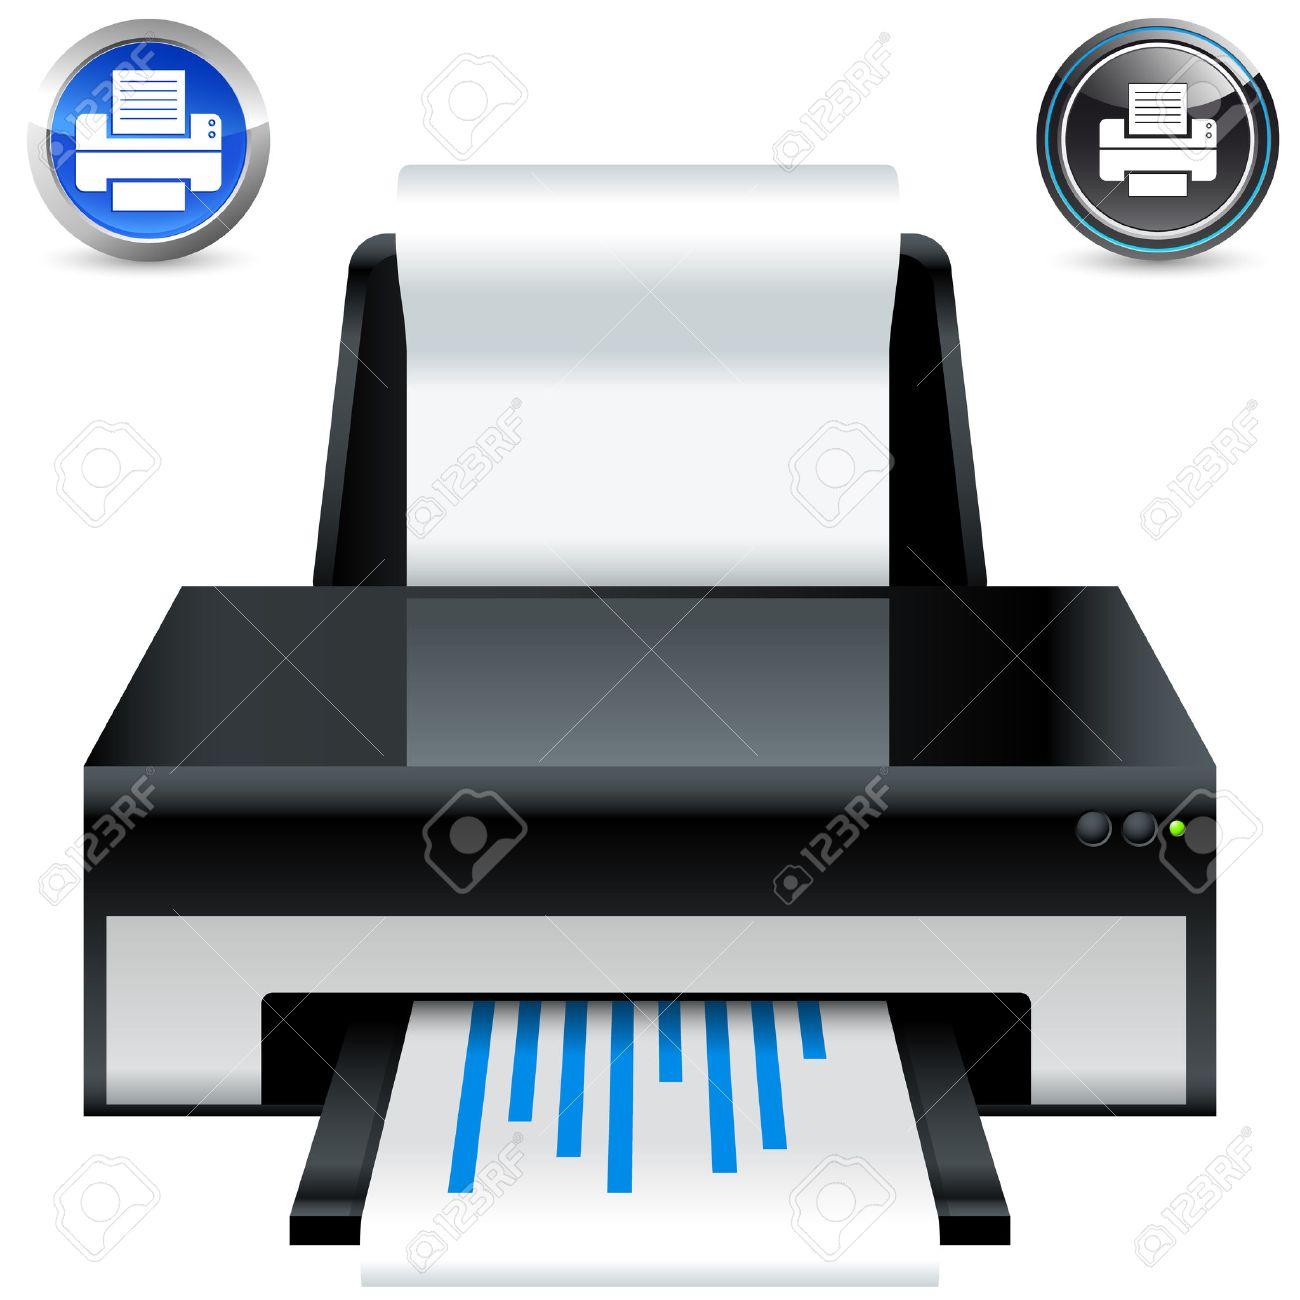 printer icon and button set Stock Vector - 8427053